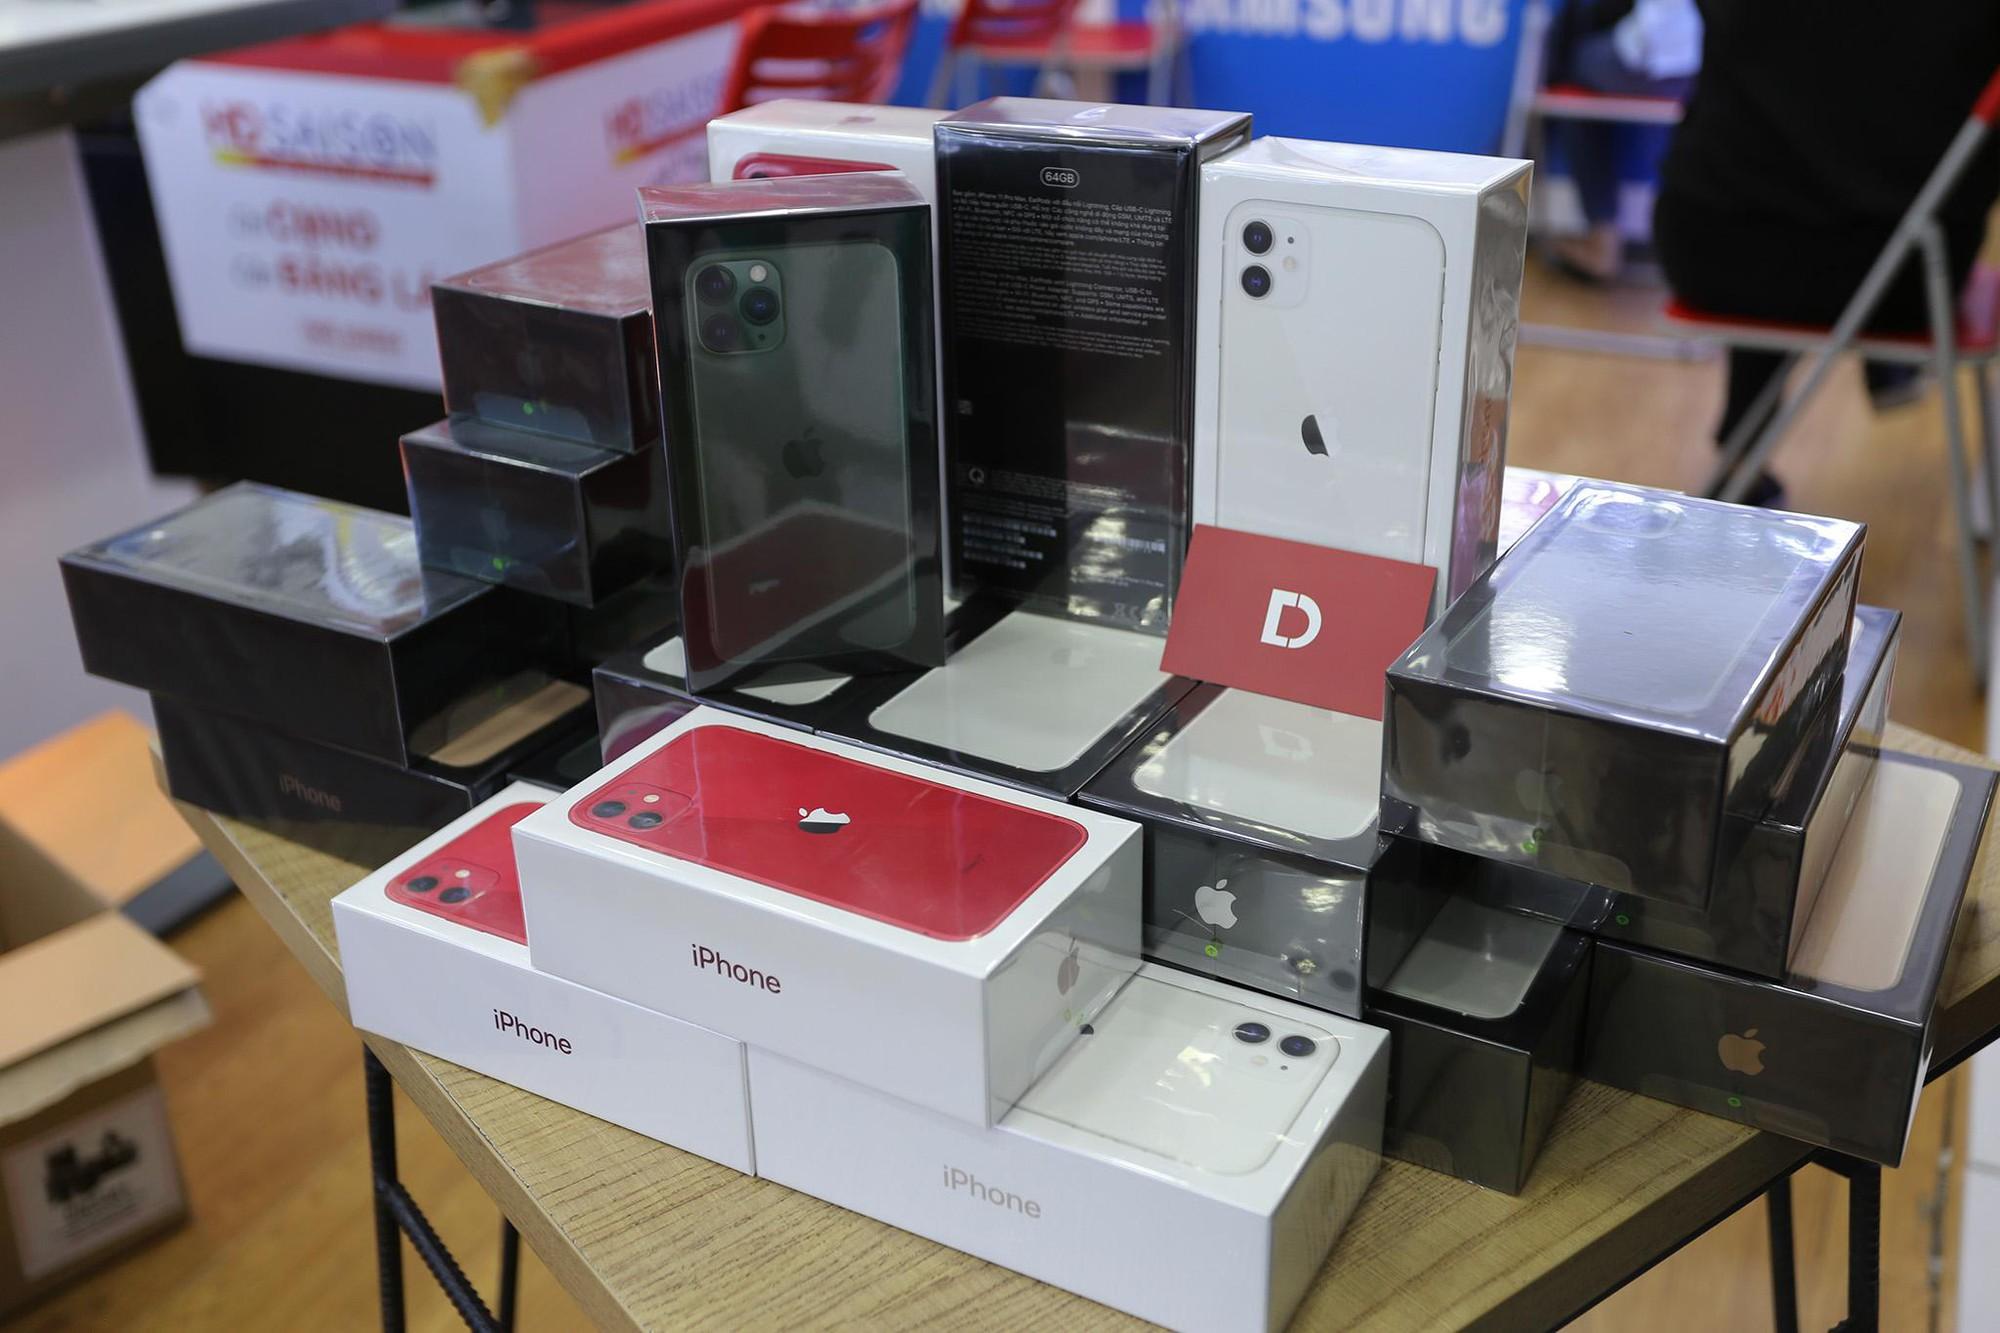 iPhone 11, 11 Pro, 11 Pro Max VN/A giảm đến 3 triệu đồng tại Di Động Việt trong 3 ngày mở bán - Ảnh 1.